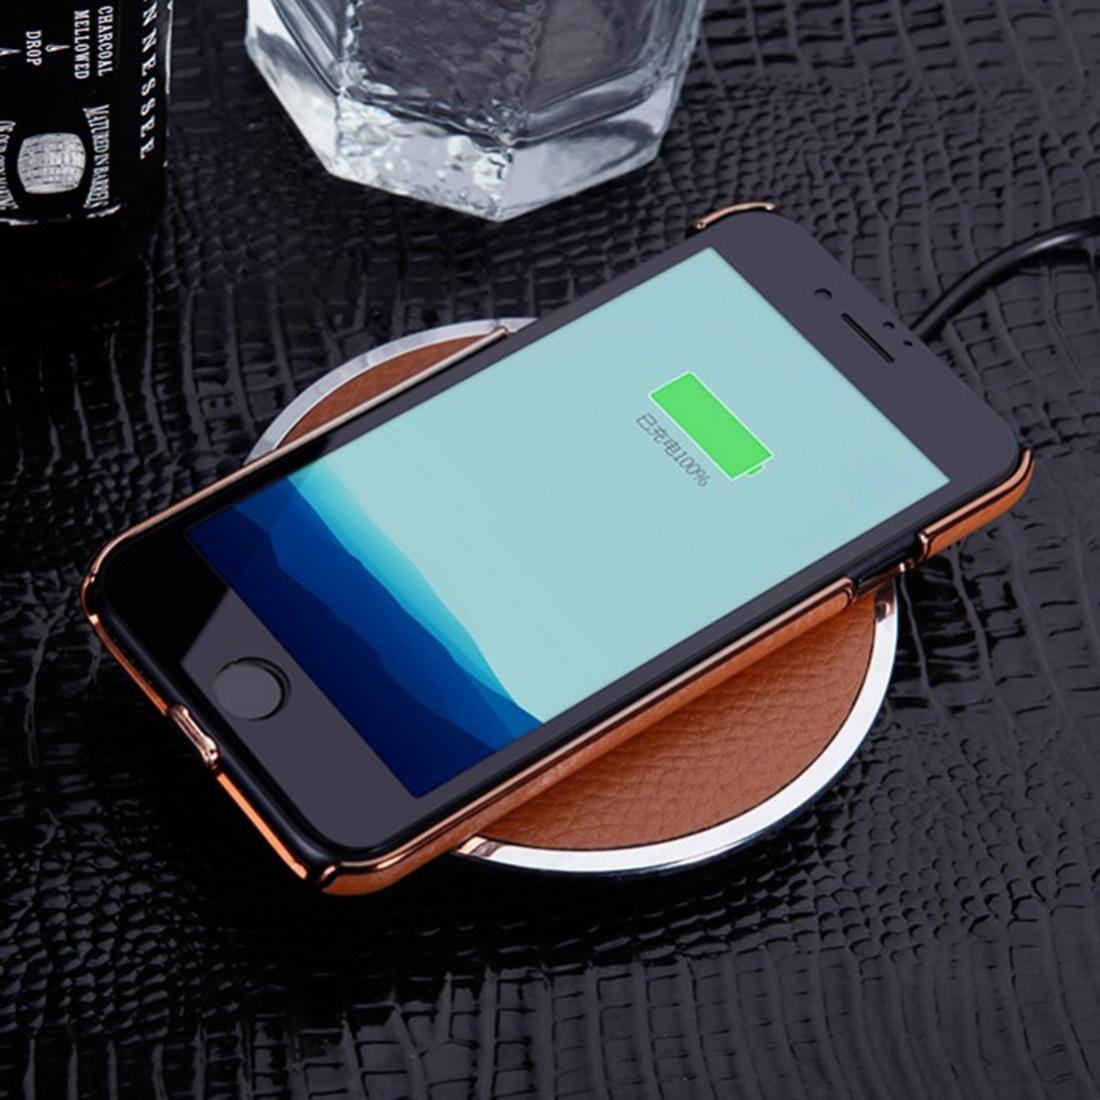 Iphone 7 Induktiv Laden